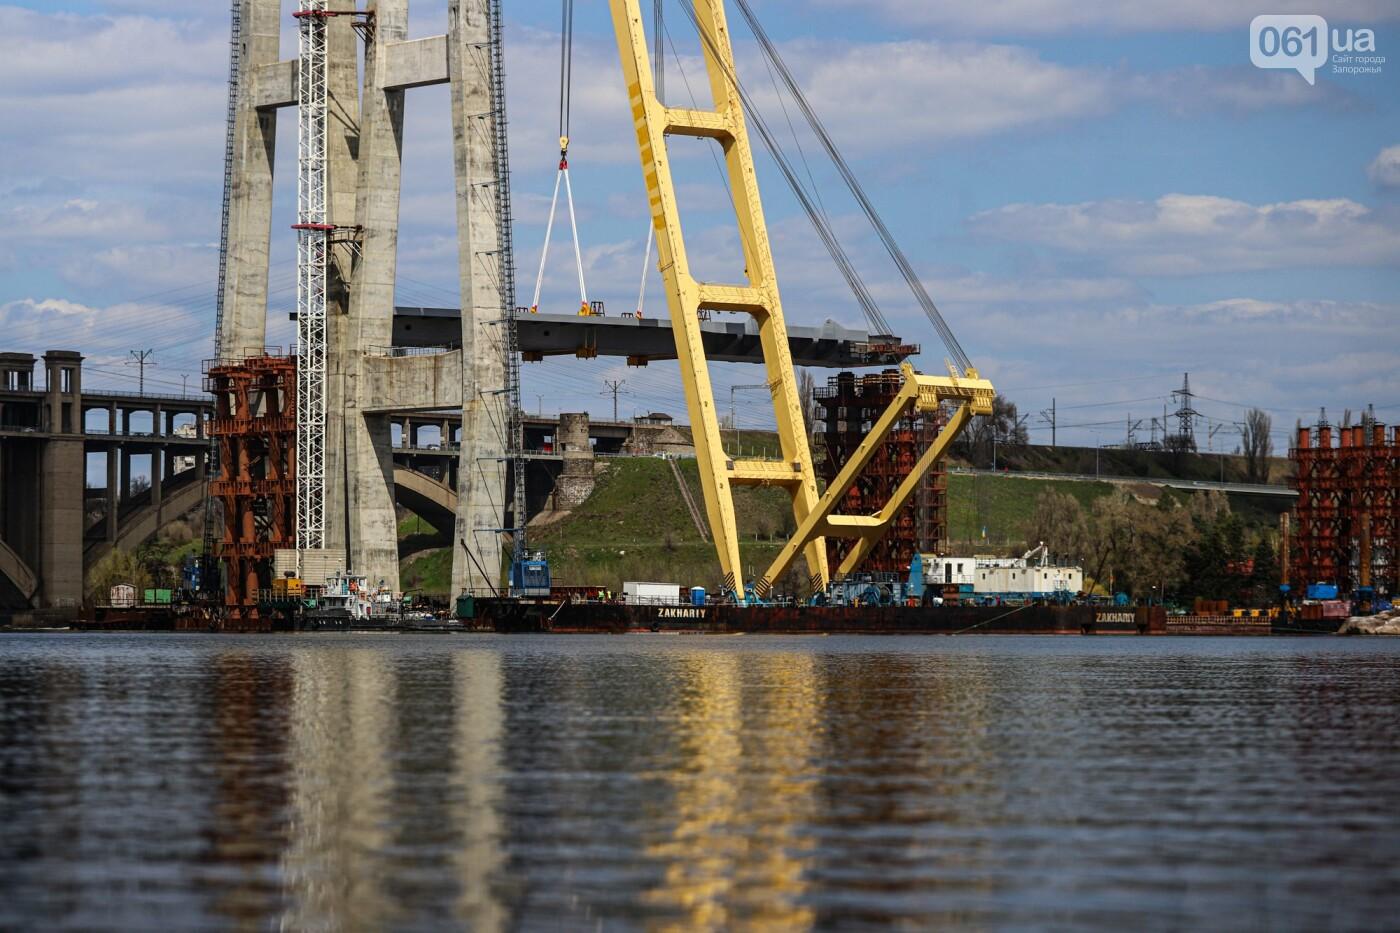 В Запорожье монтируют первый блок вантового моста, - ФОТОРЕПОРТАЖ, фото-8